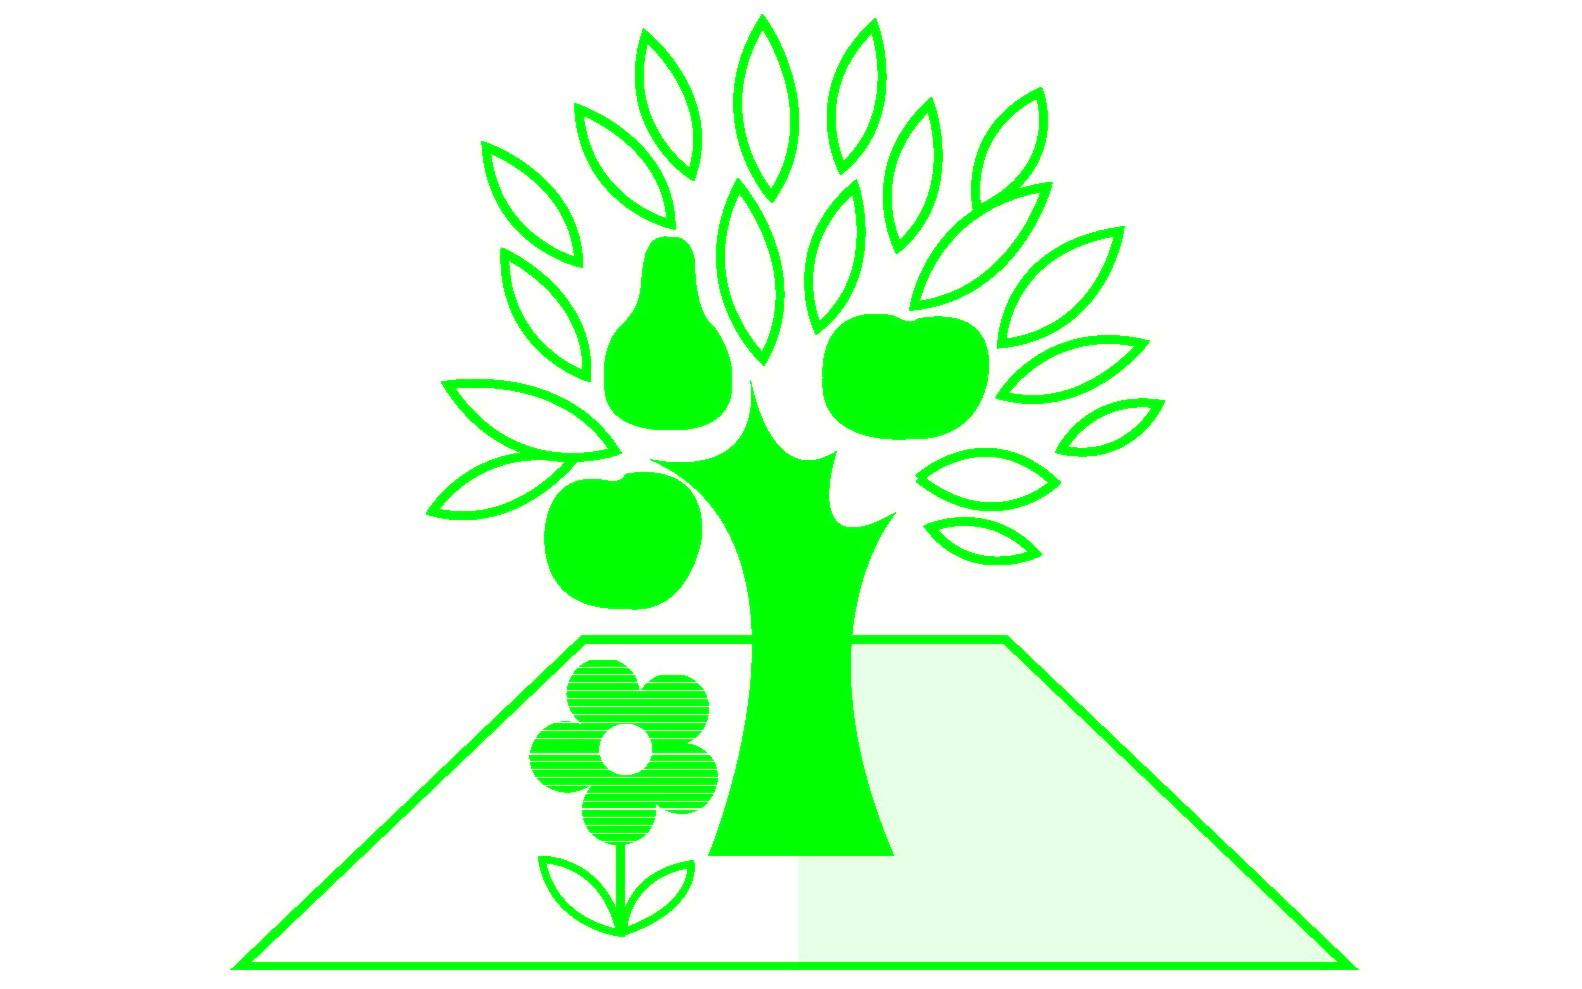 Obst- und Gartenbauverein Tristach